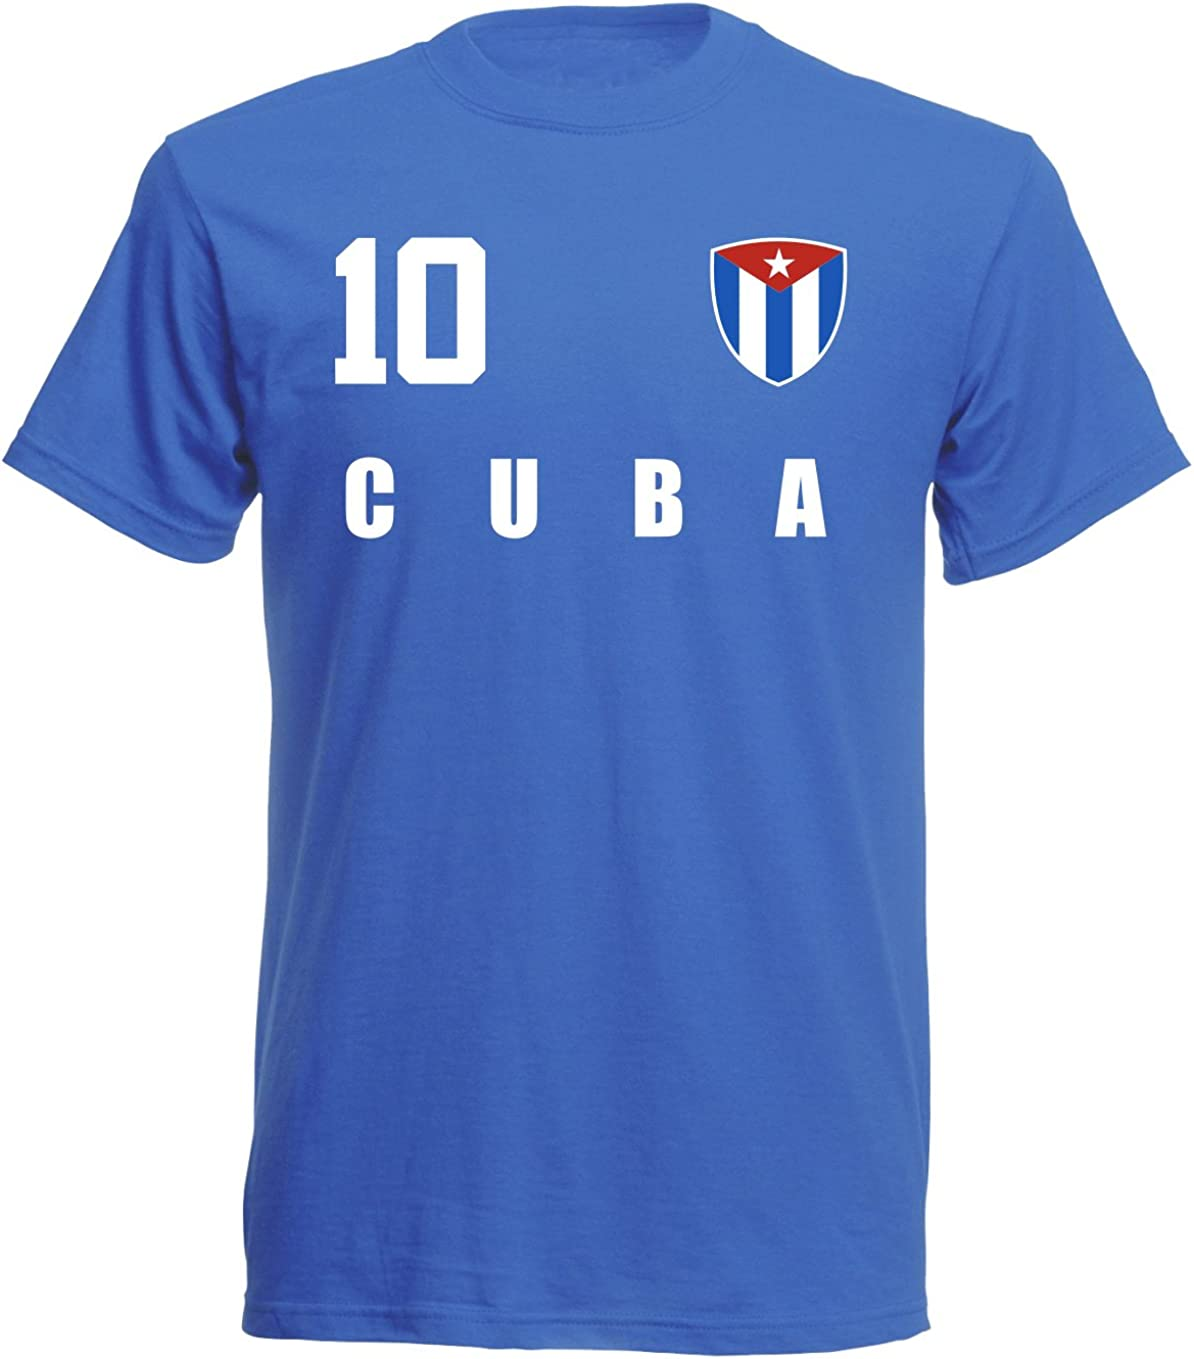 Aprom-Sports Camiseta de la selección Mundial de fútbol de Kuba 2018, Estilo Camiseta – Azul ALL-10 – S, M, L, XL, XXL: Amazon.es: Ropa y accesorios